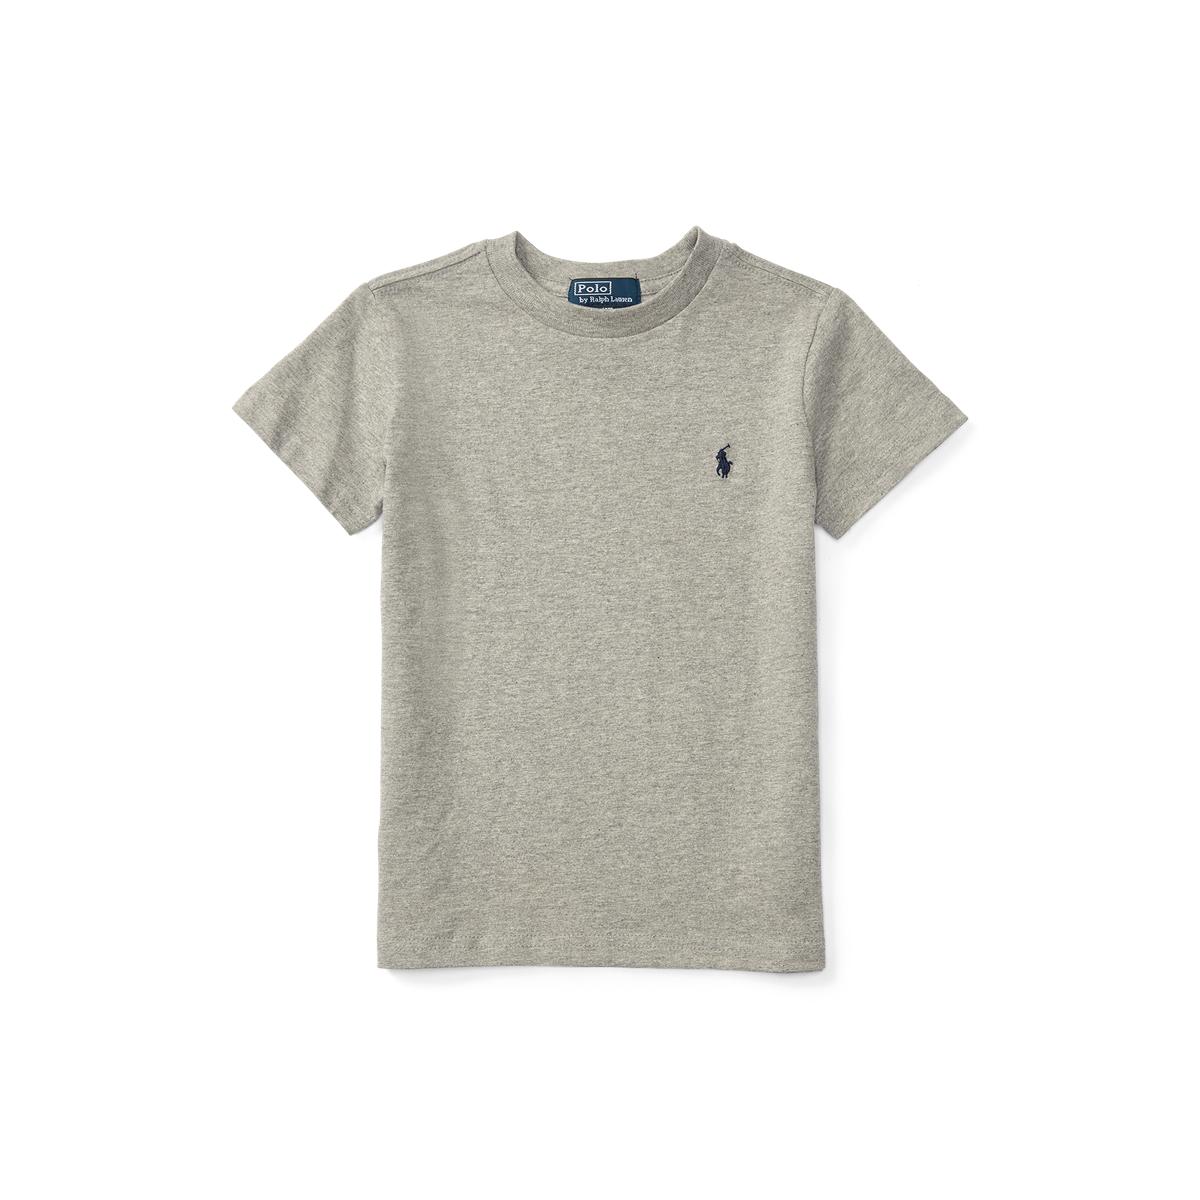 23e77d0a1 Cotton Jersey Crewneck T-Shirt